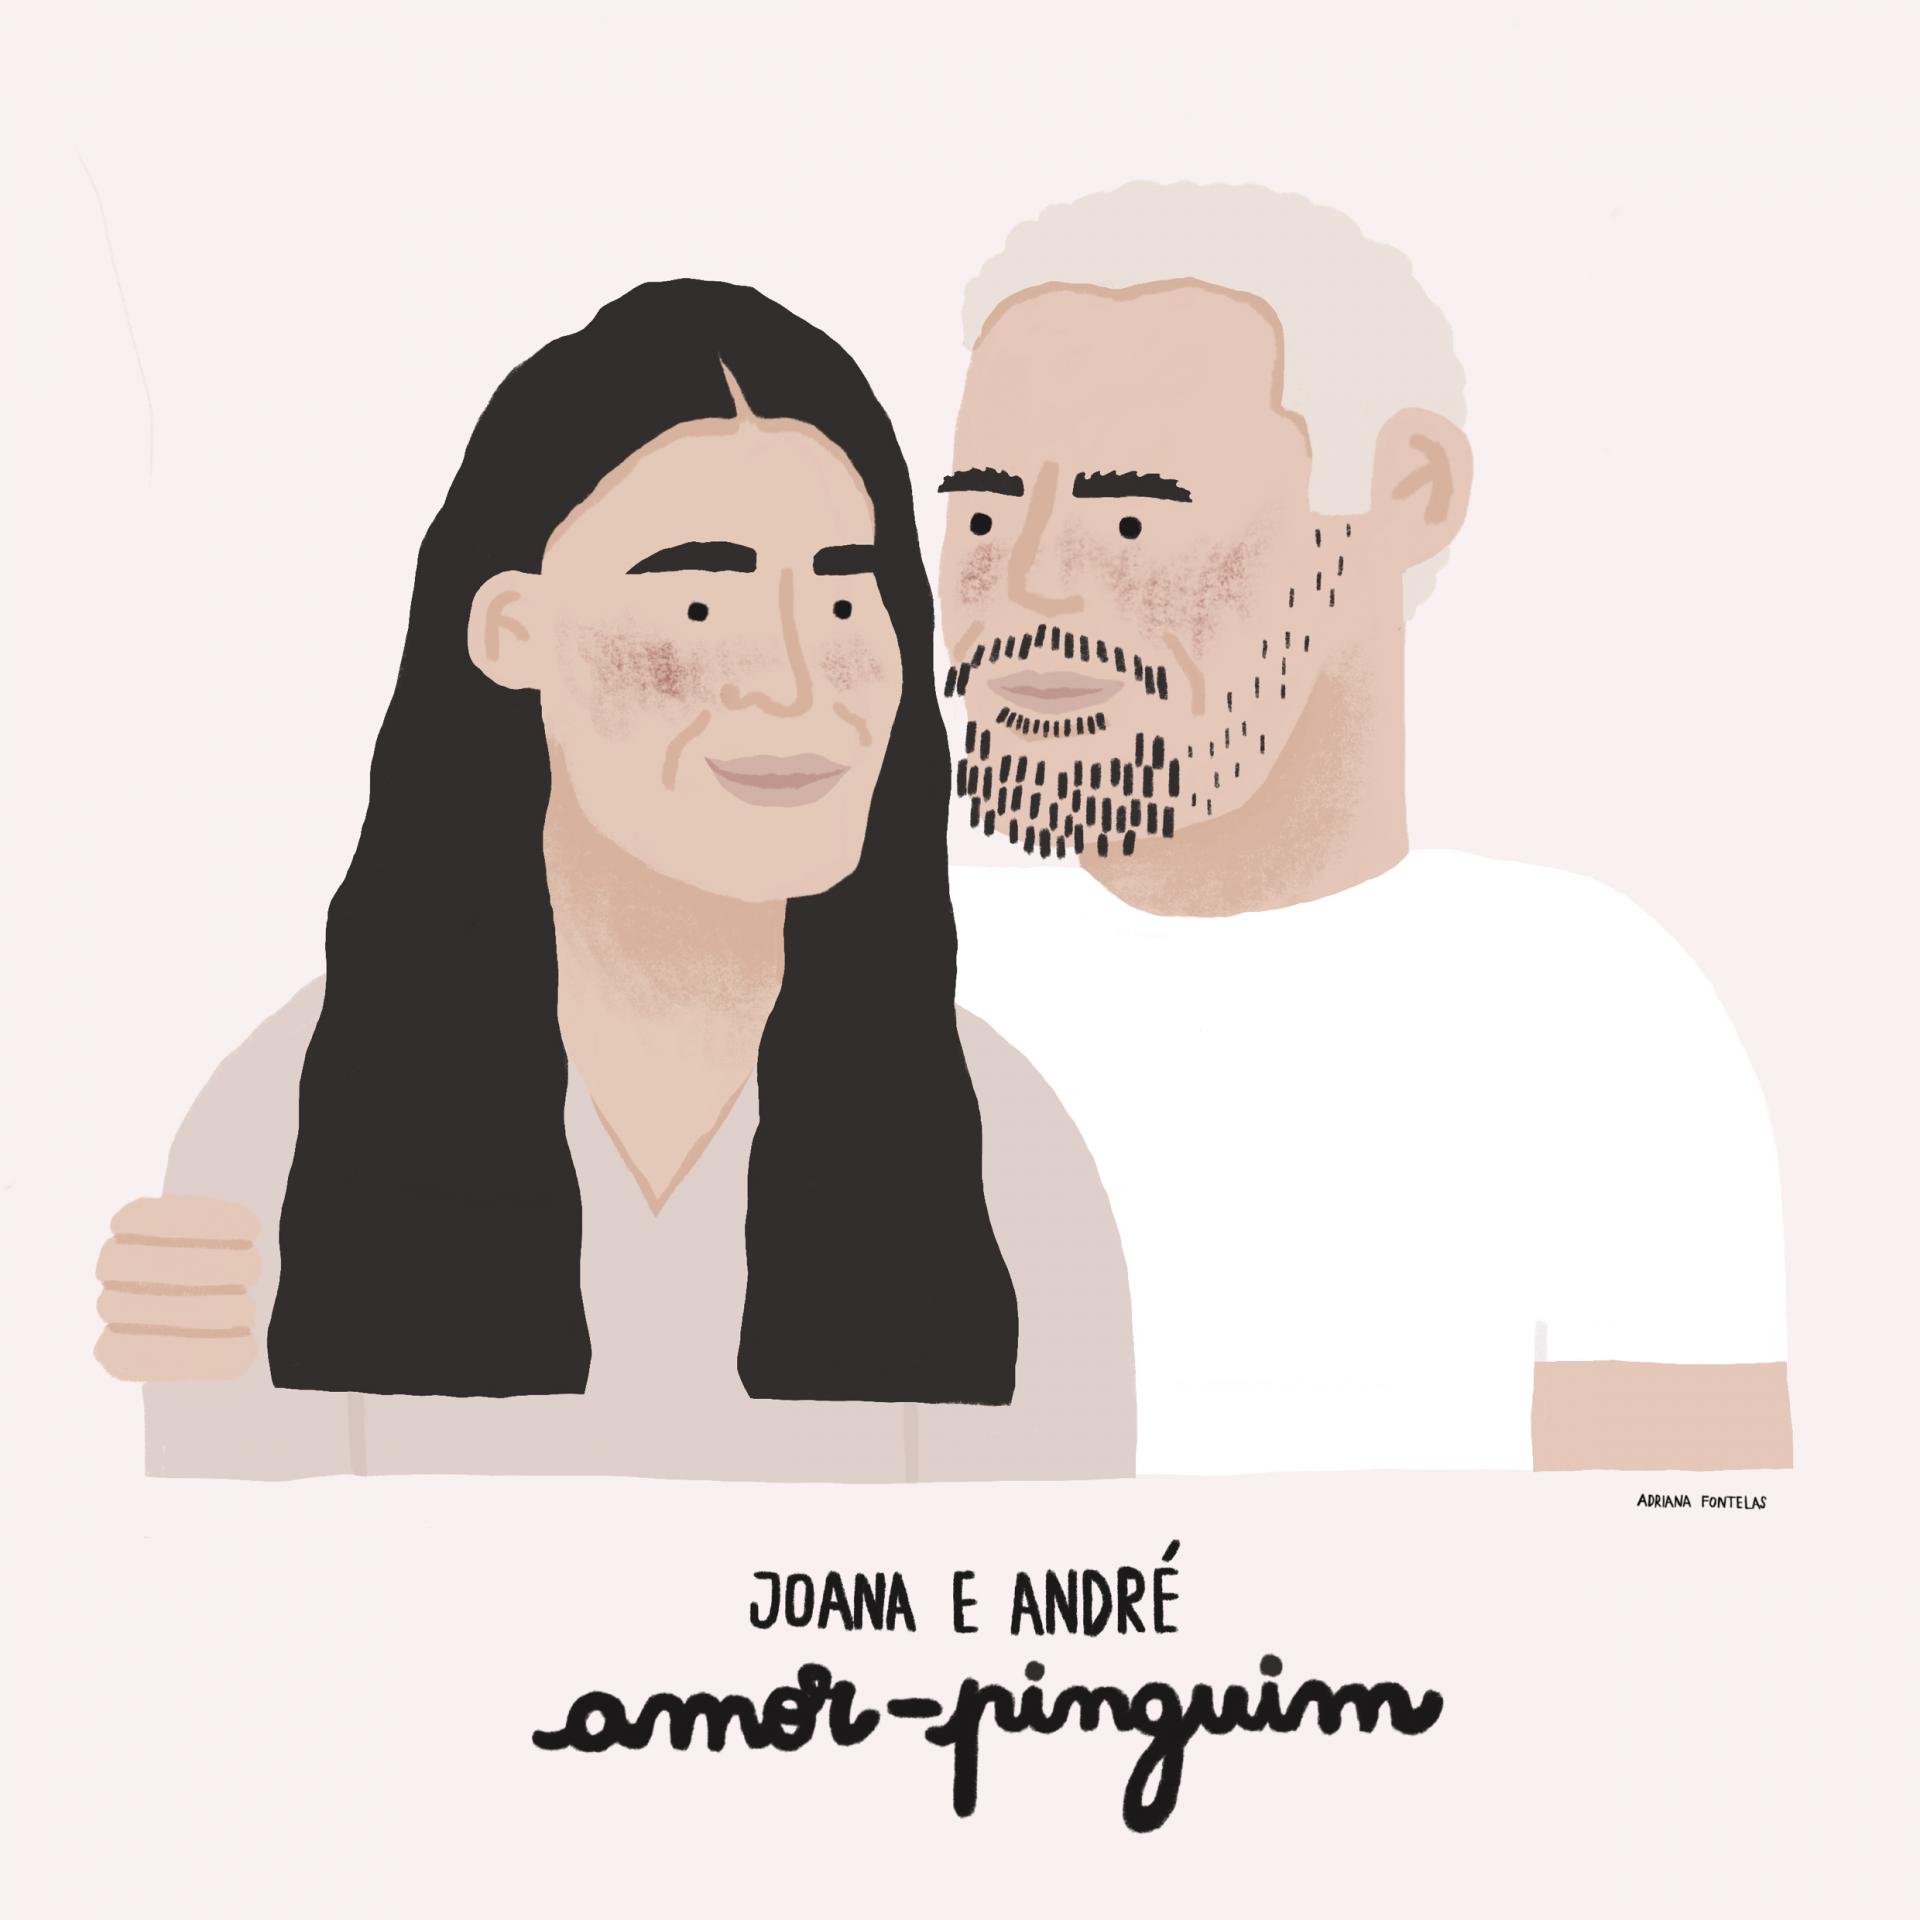 Um retrato personalizado por Adriana Fontelas